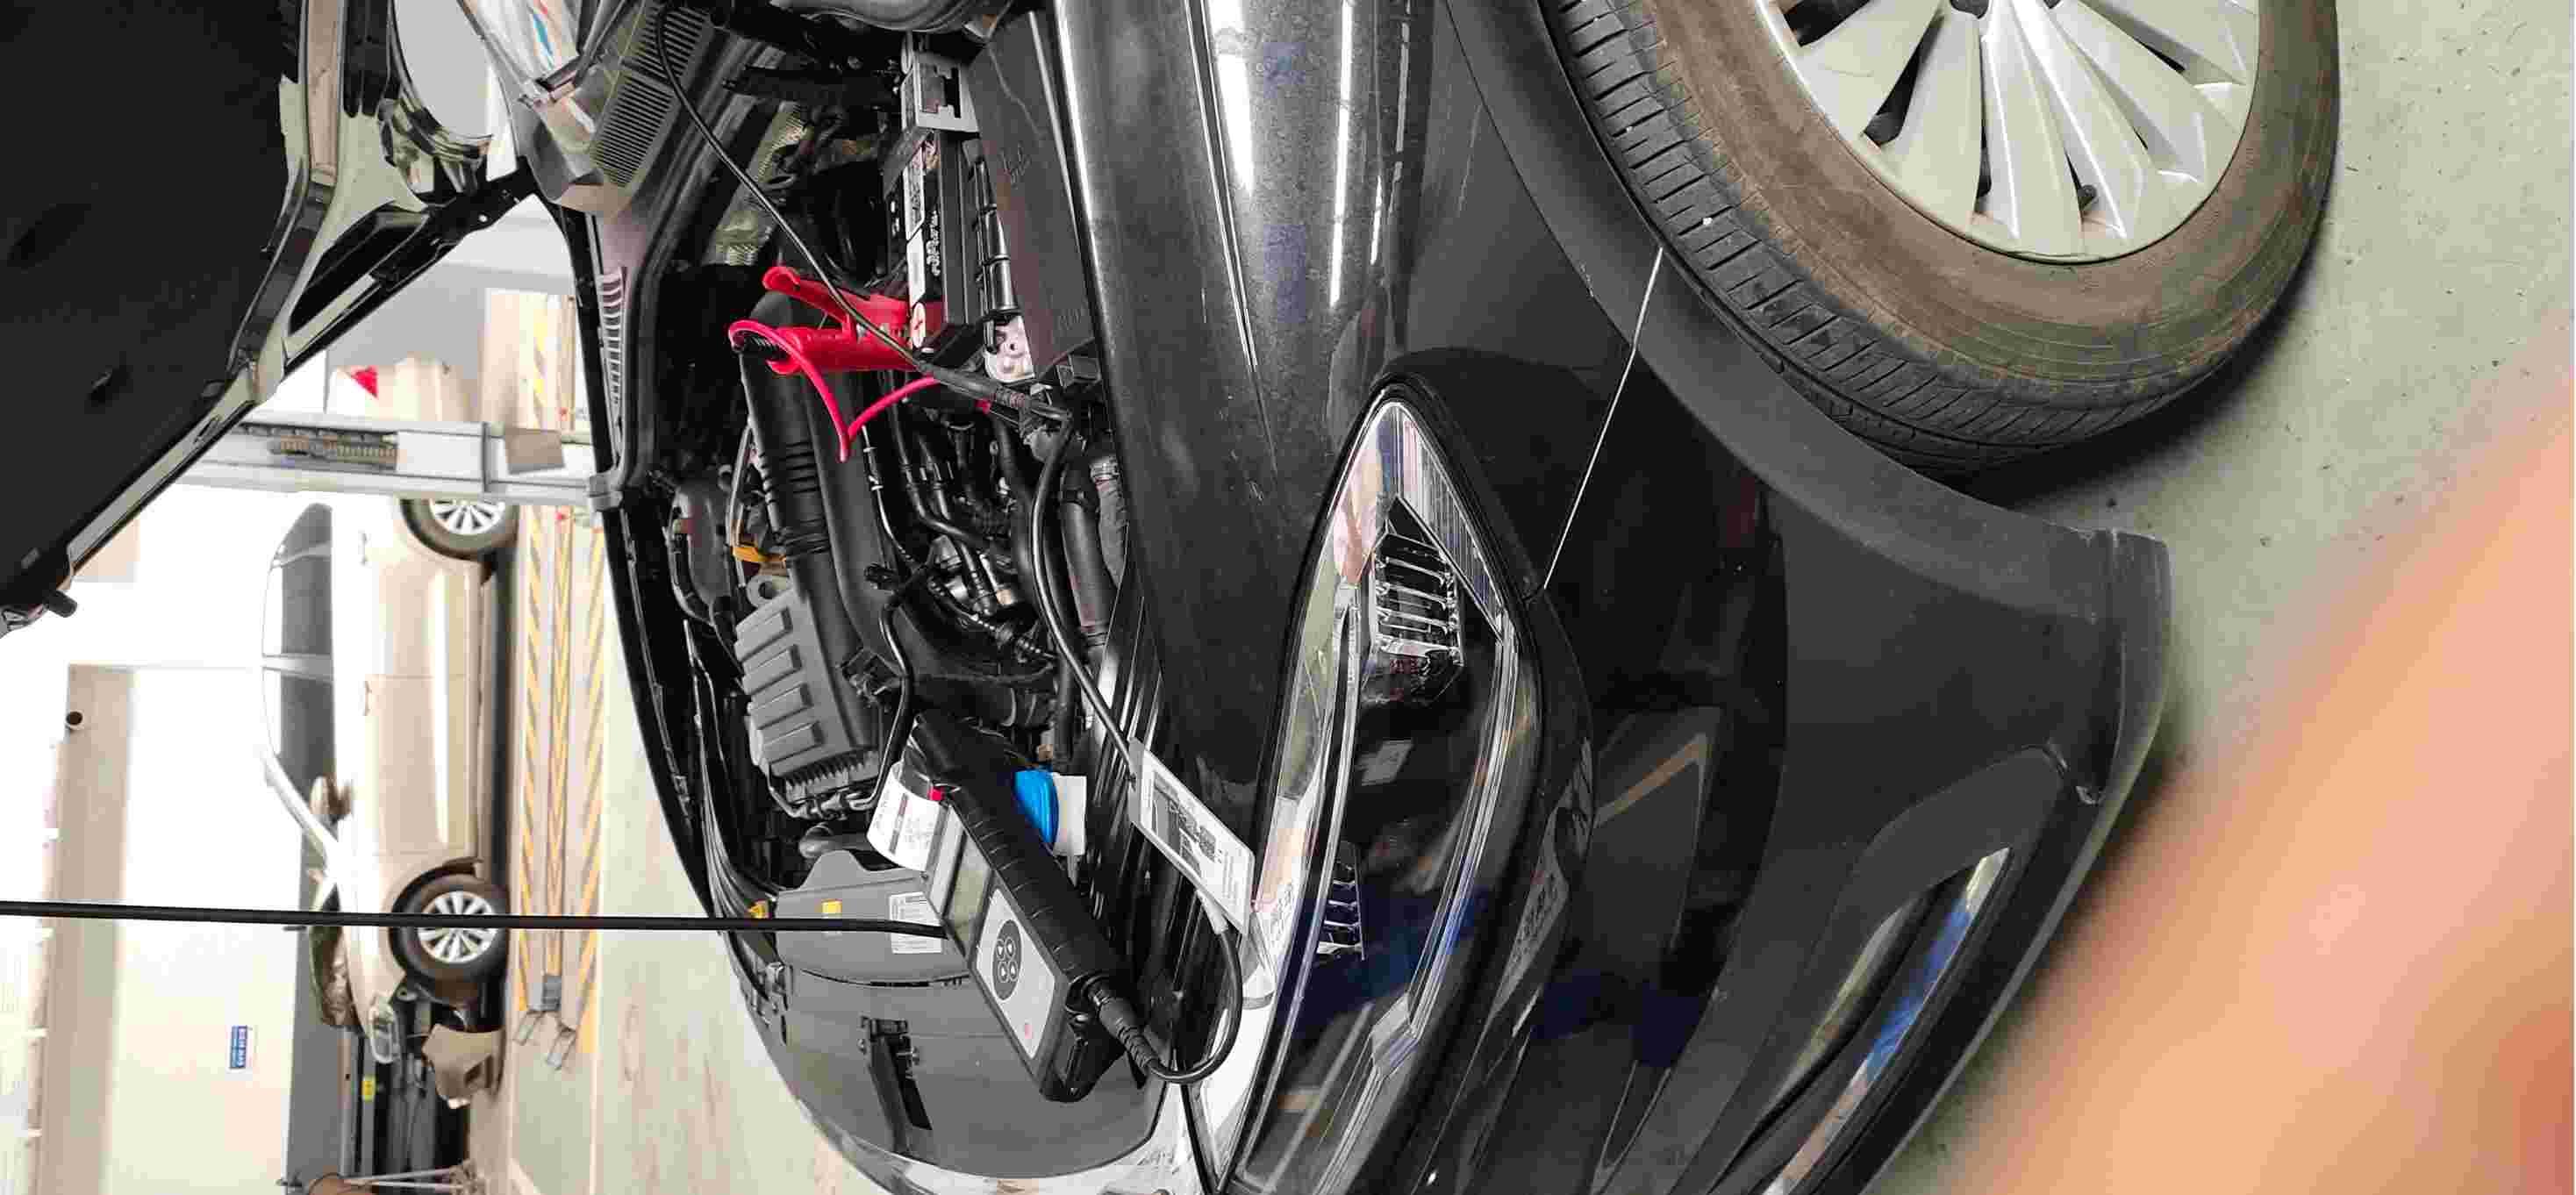 上汽大众朗逸蓄电池故障导致无法启动